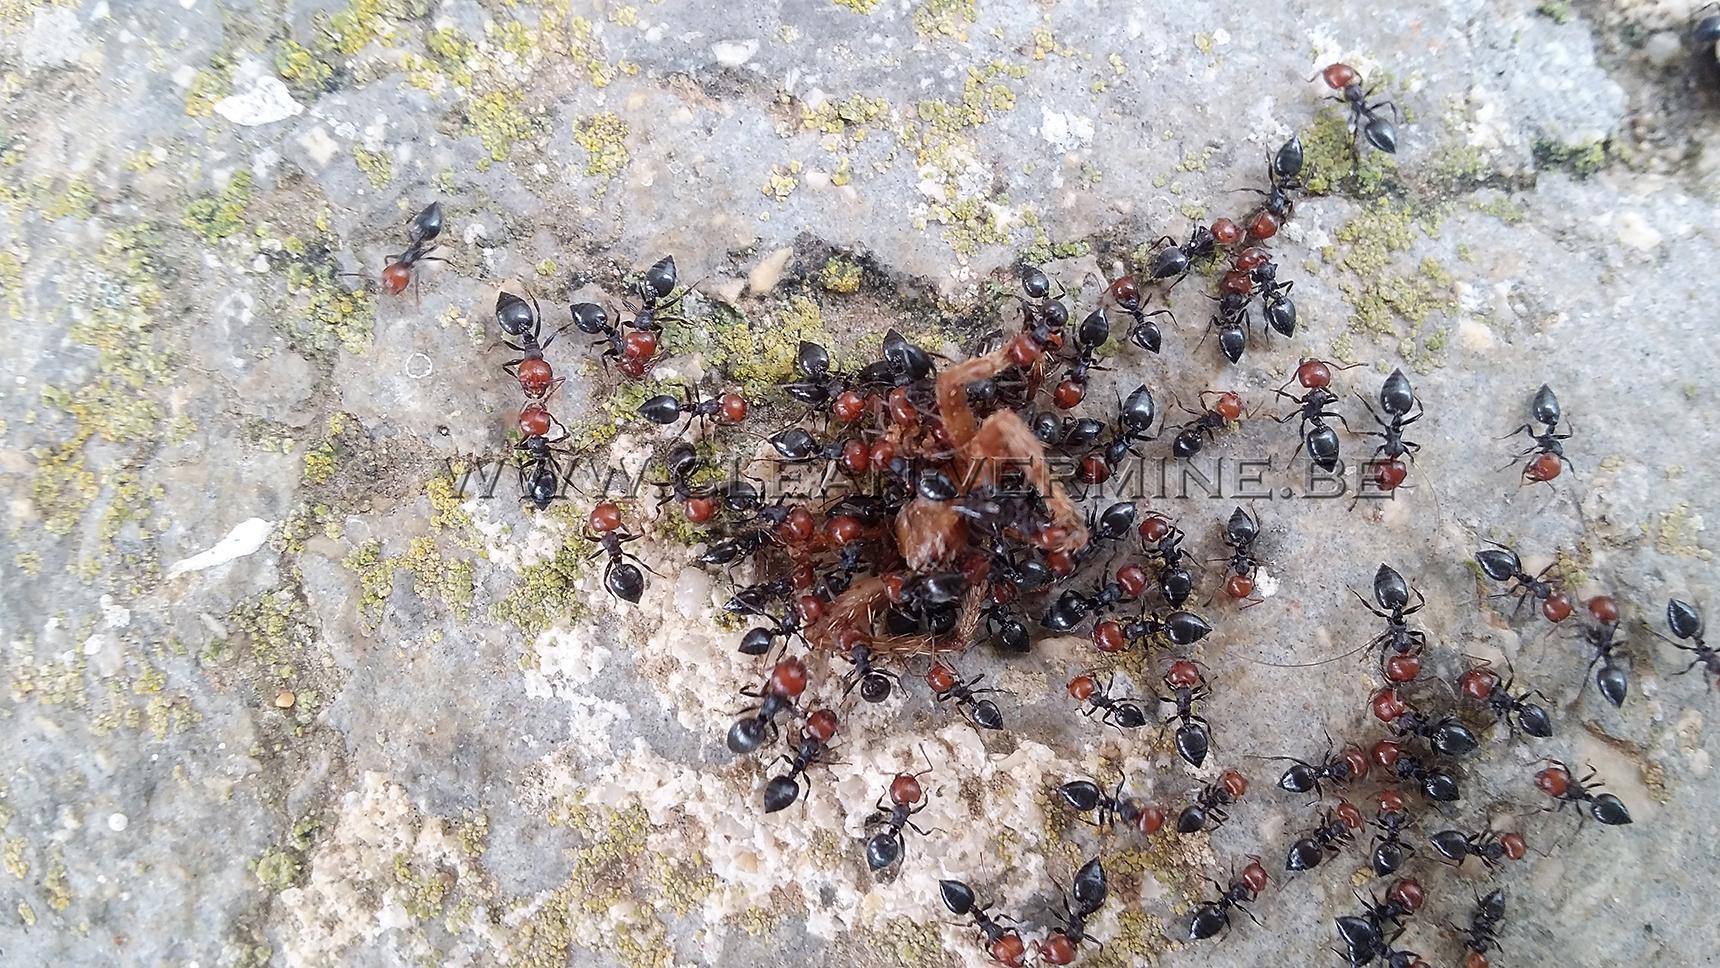 fourmis dans maison fourmis dans maison with fourmis dans maison fourmis dans maison with. Black Bedroom Furniture Sets. Home Design Ideas